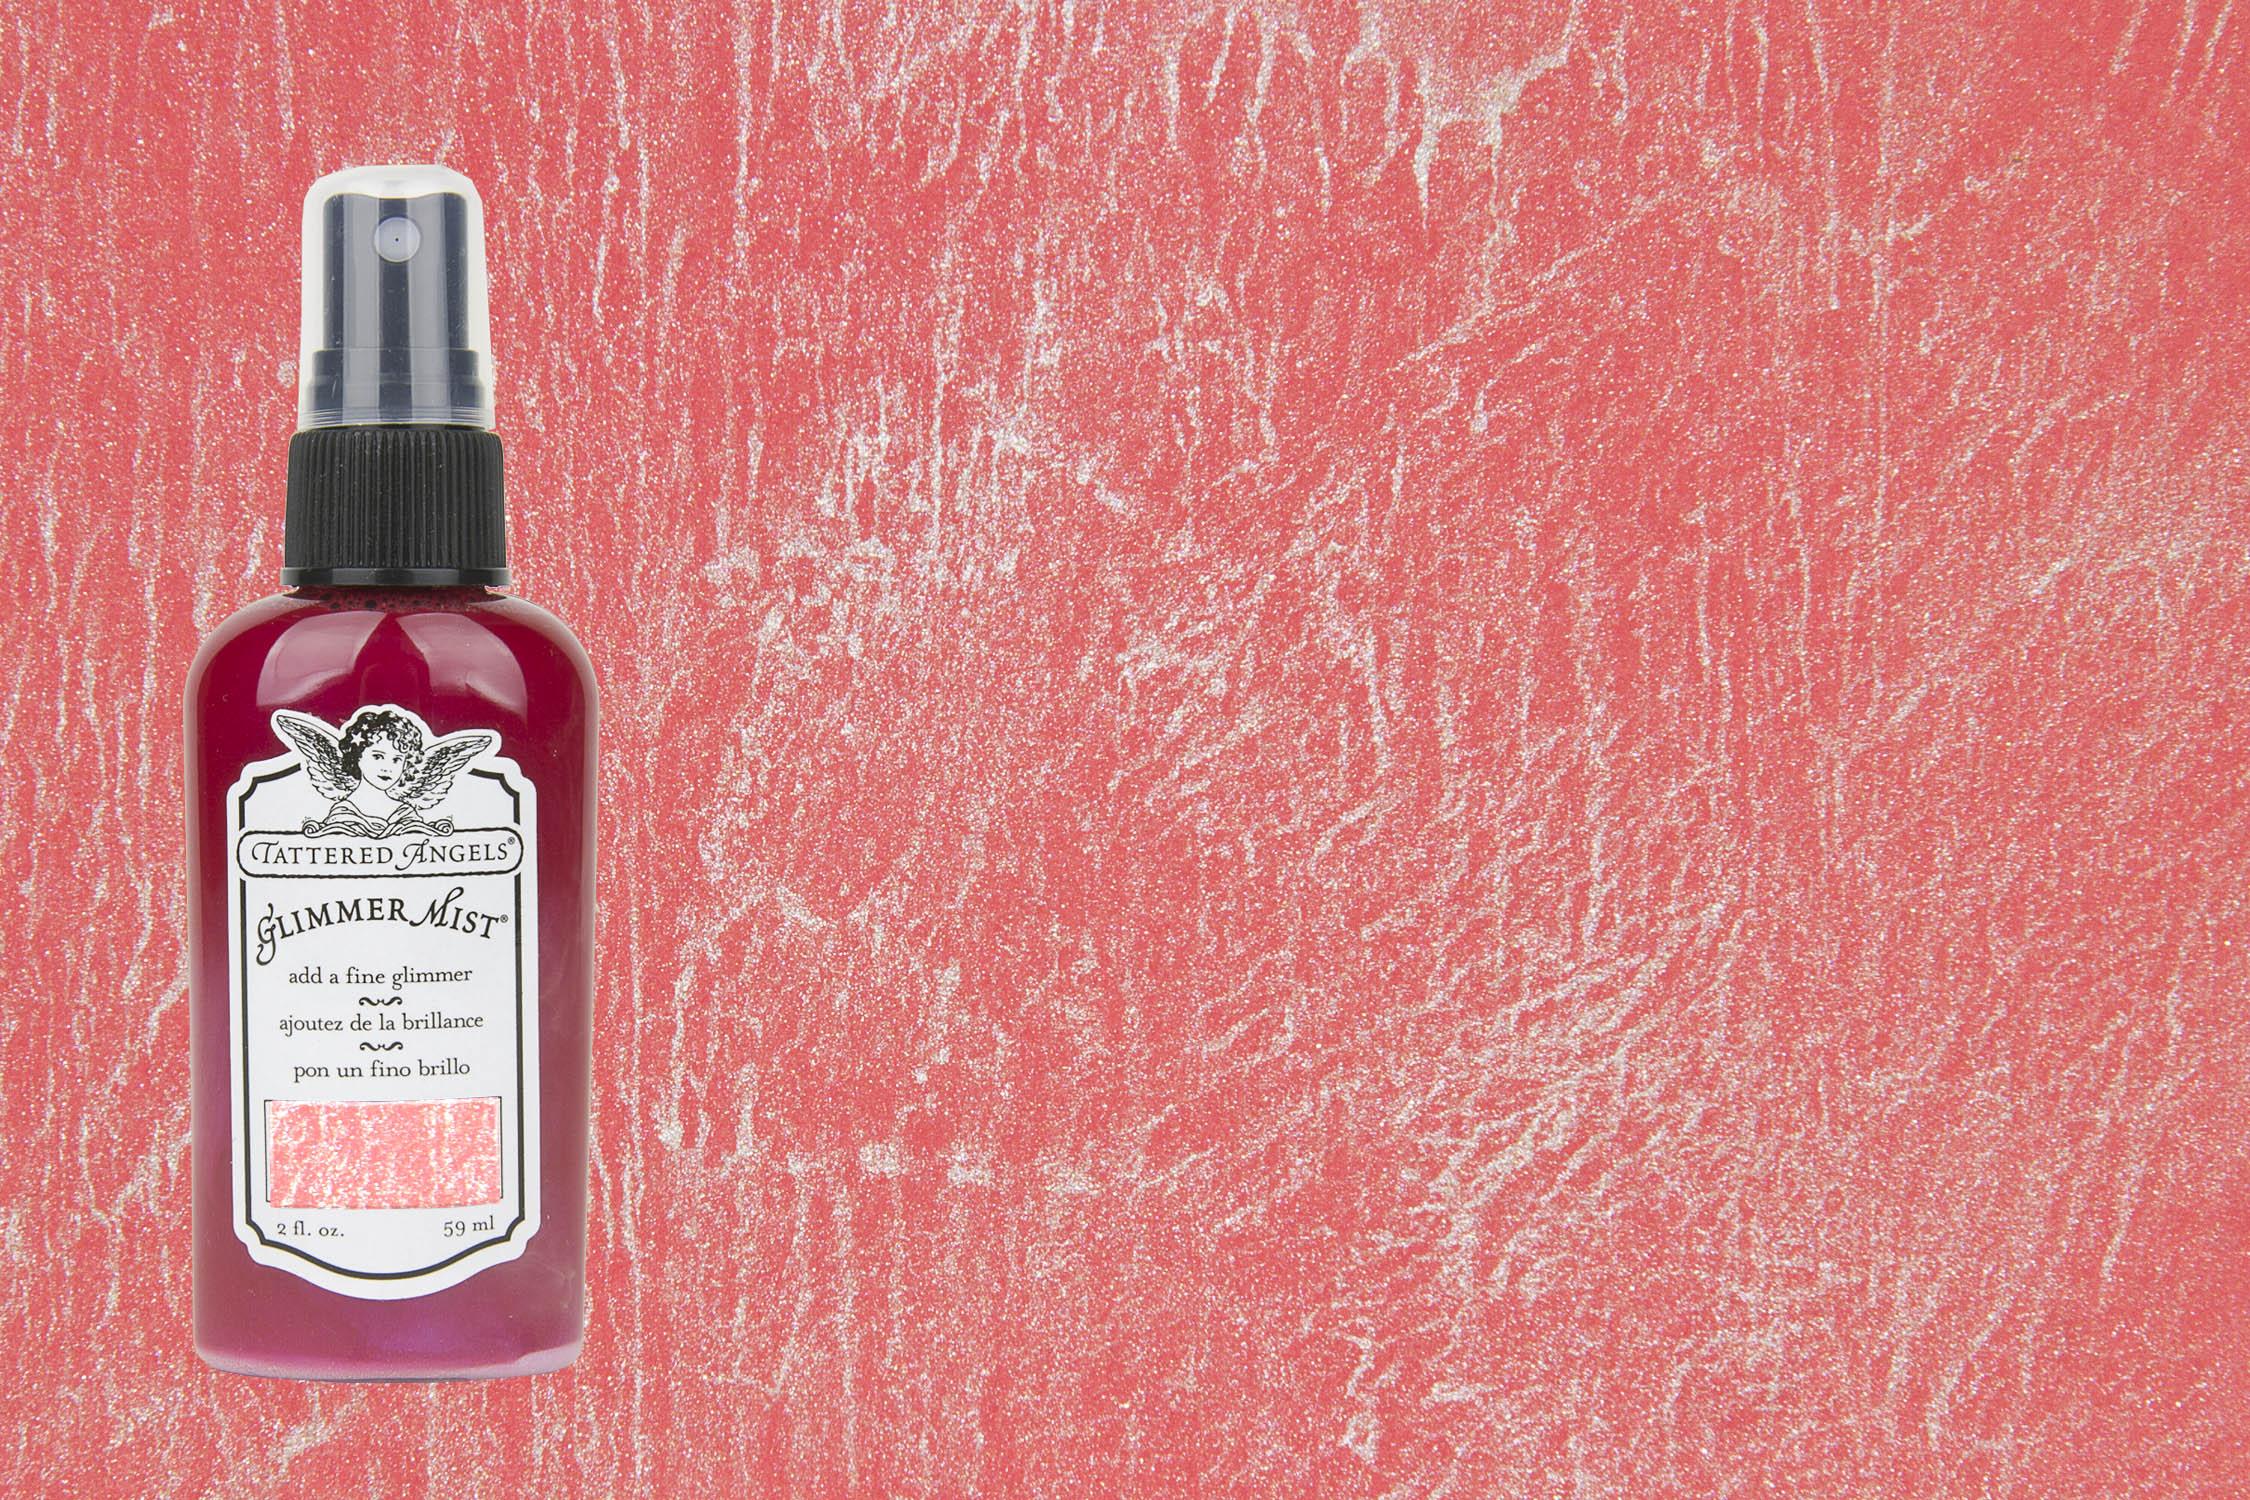 21038-glimmer-mist-2oz-pink-coral